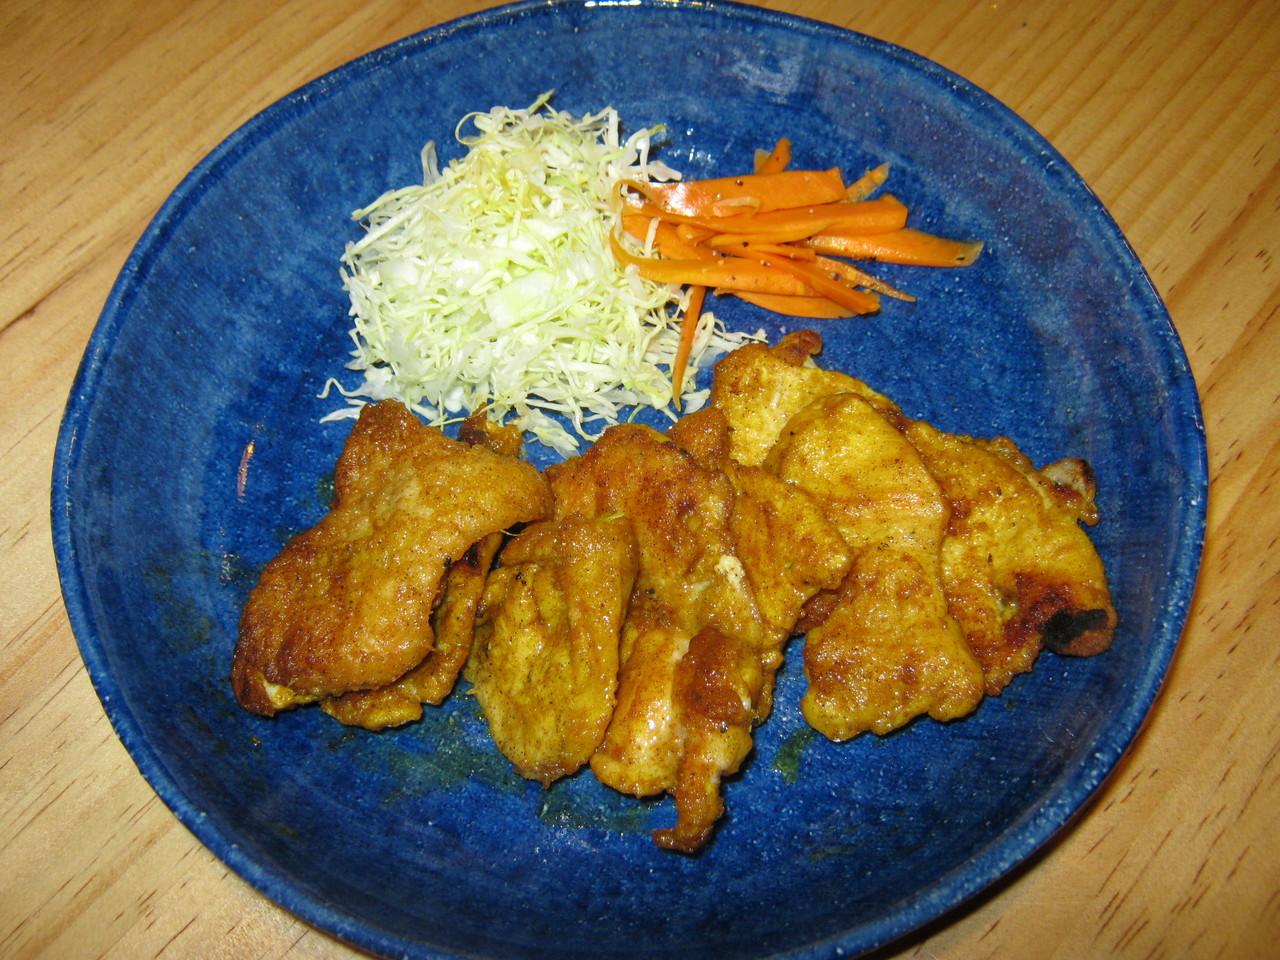 鶏ムネカレー風味焼き やわらかいんです